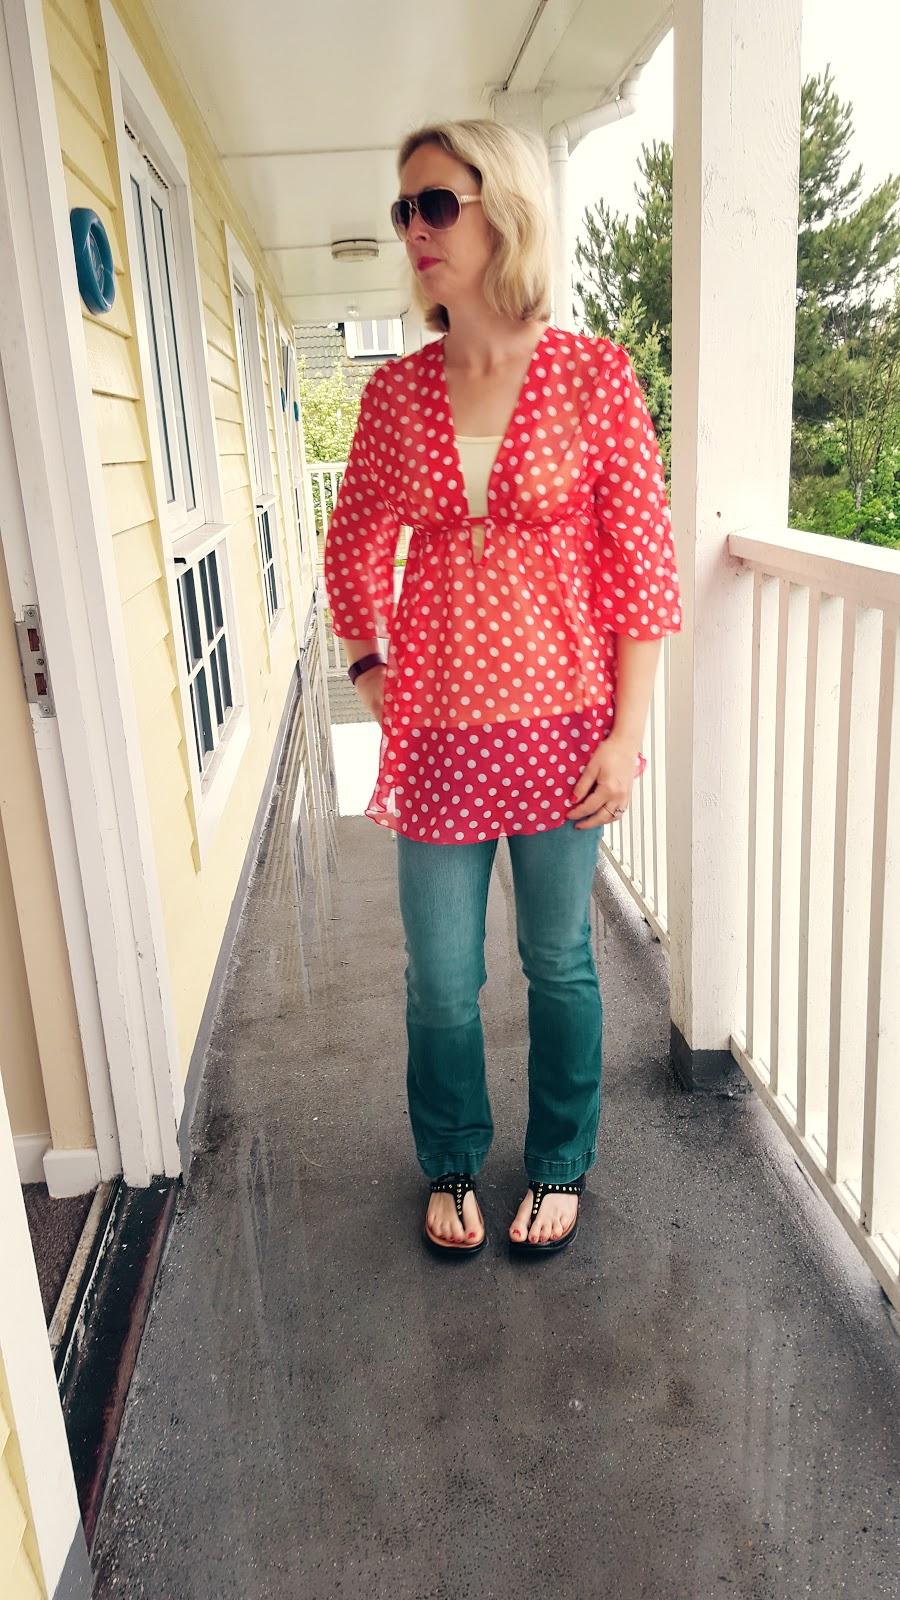 Polka Dots, Rain, Sunglasses: Make A Great Holiday Then!